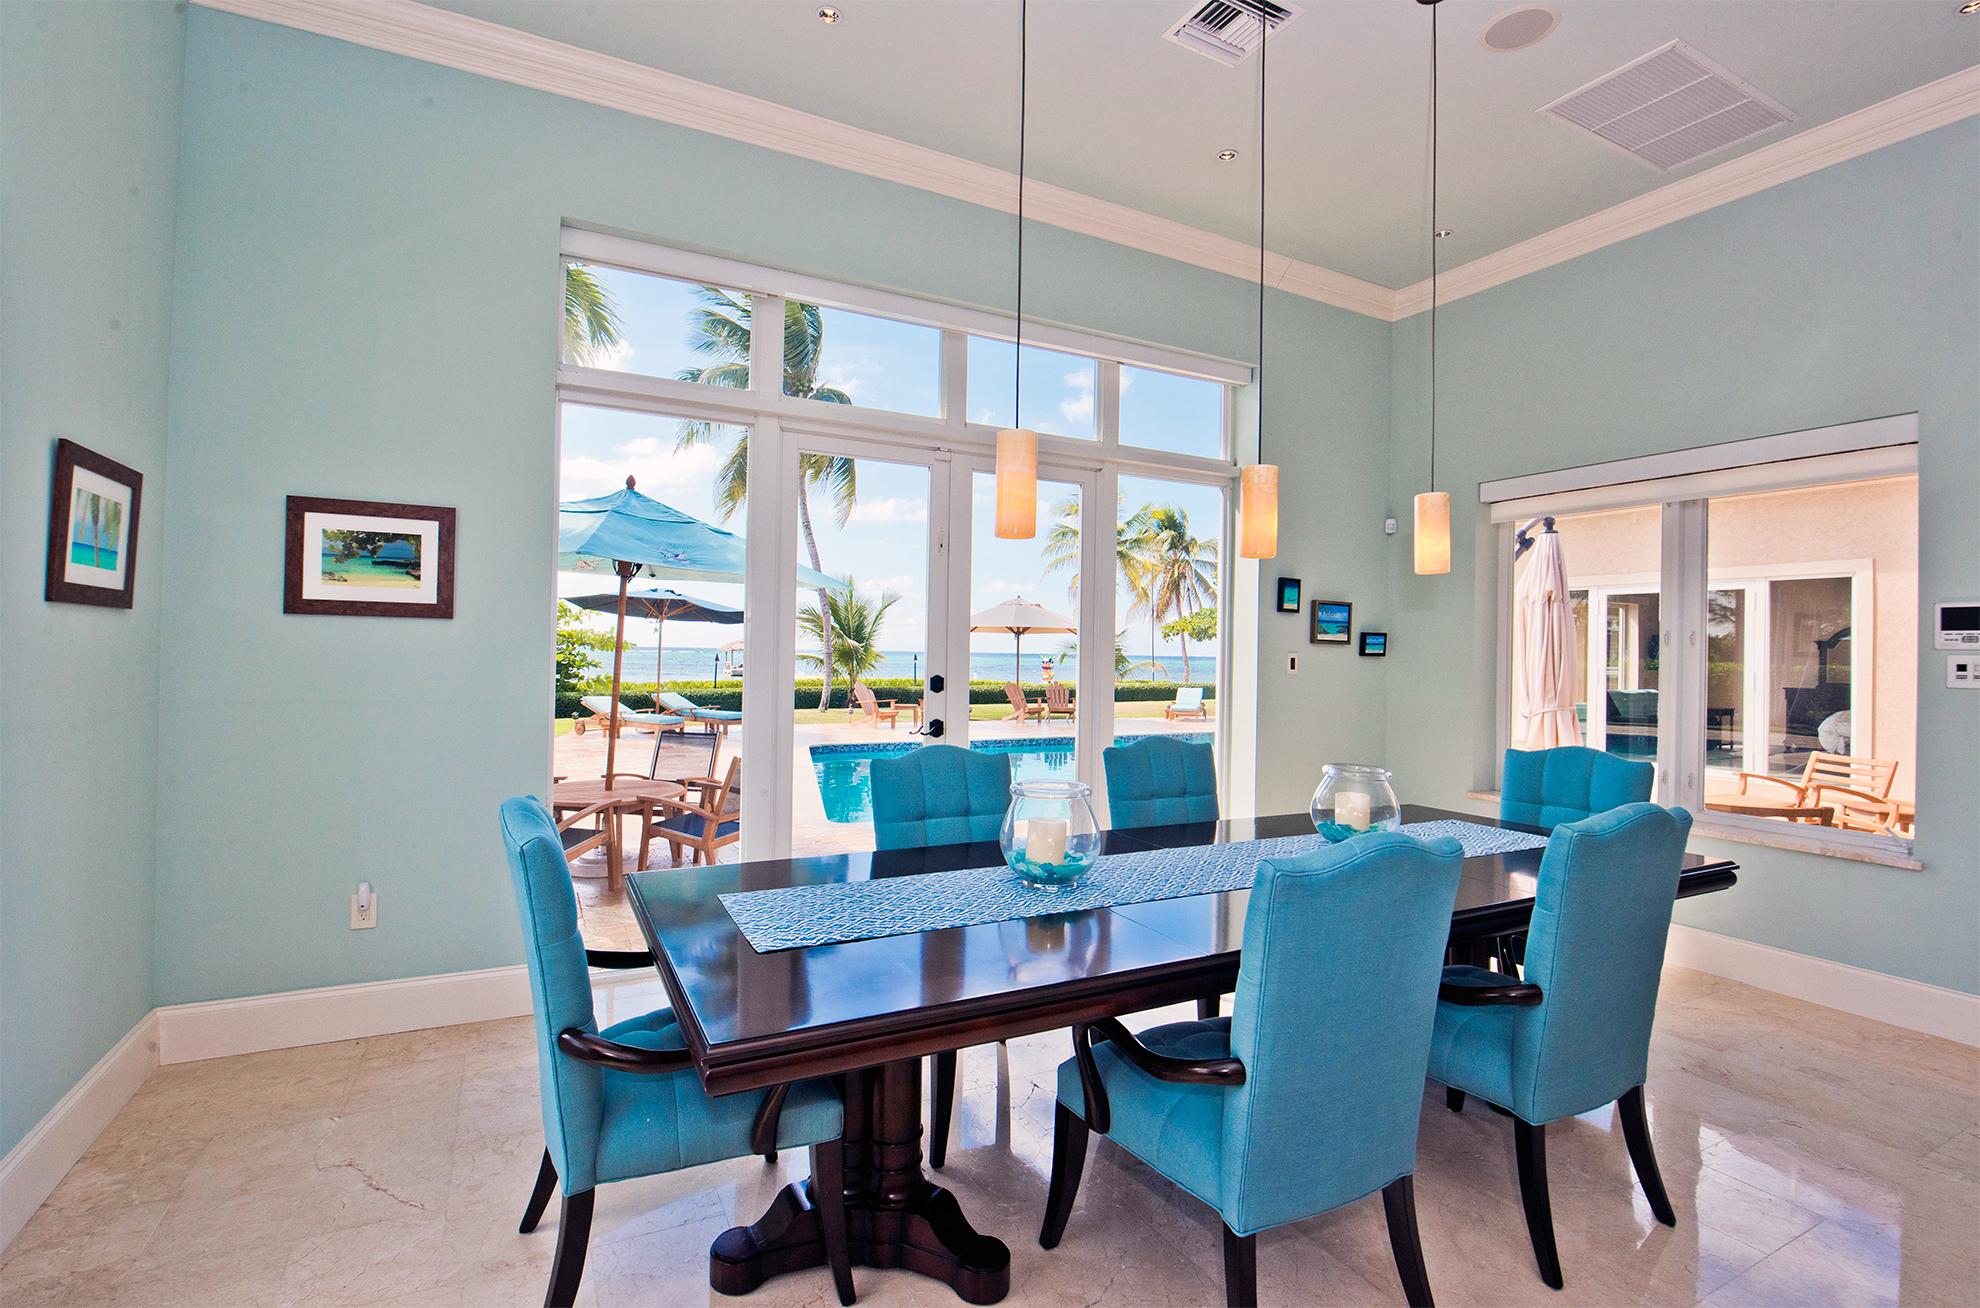 Faroway Dining Room